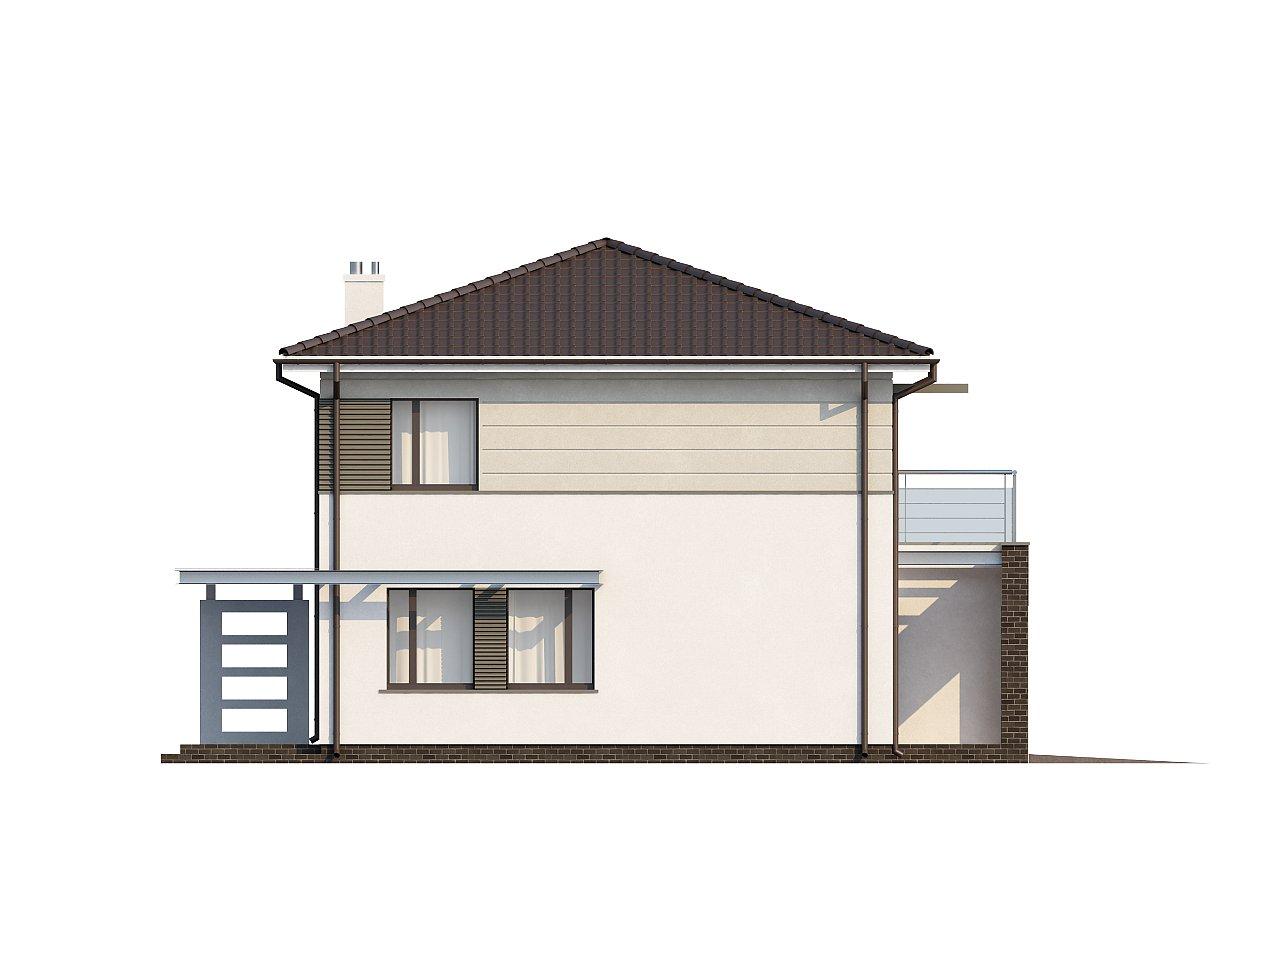 Практичный двухэтажный дом простой формы с низкой крышей, с гаражом для двух автомобилей. - фото 4